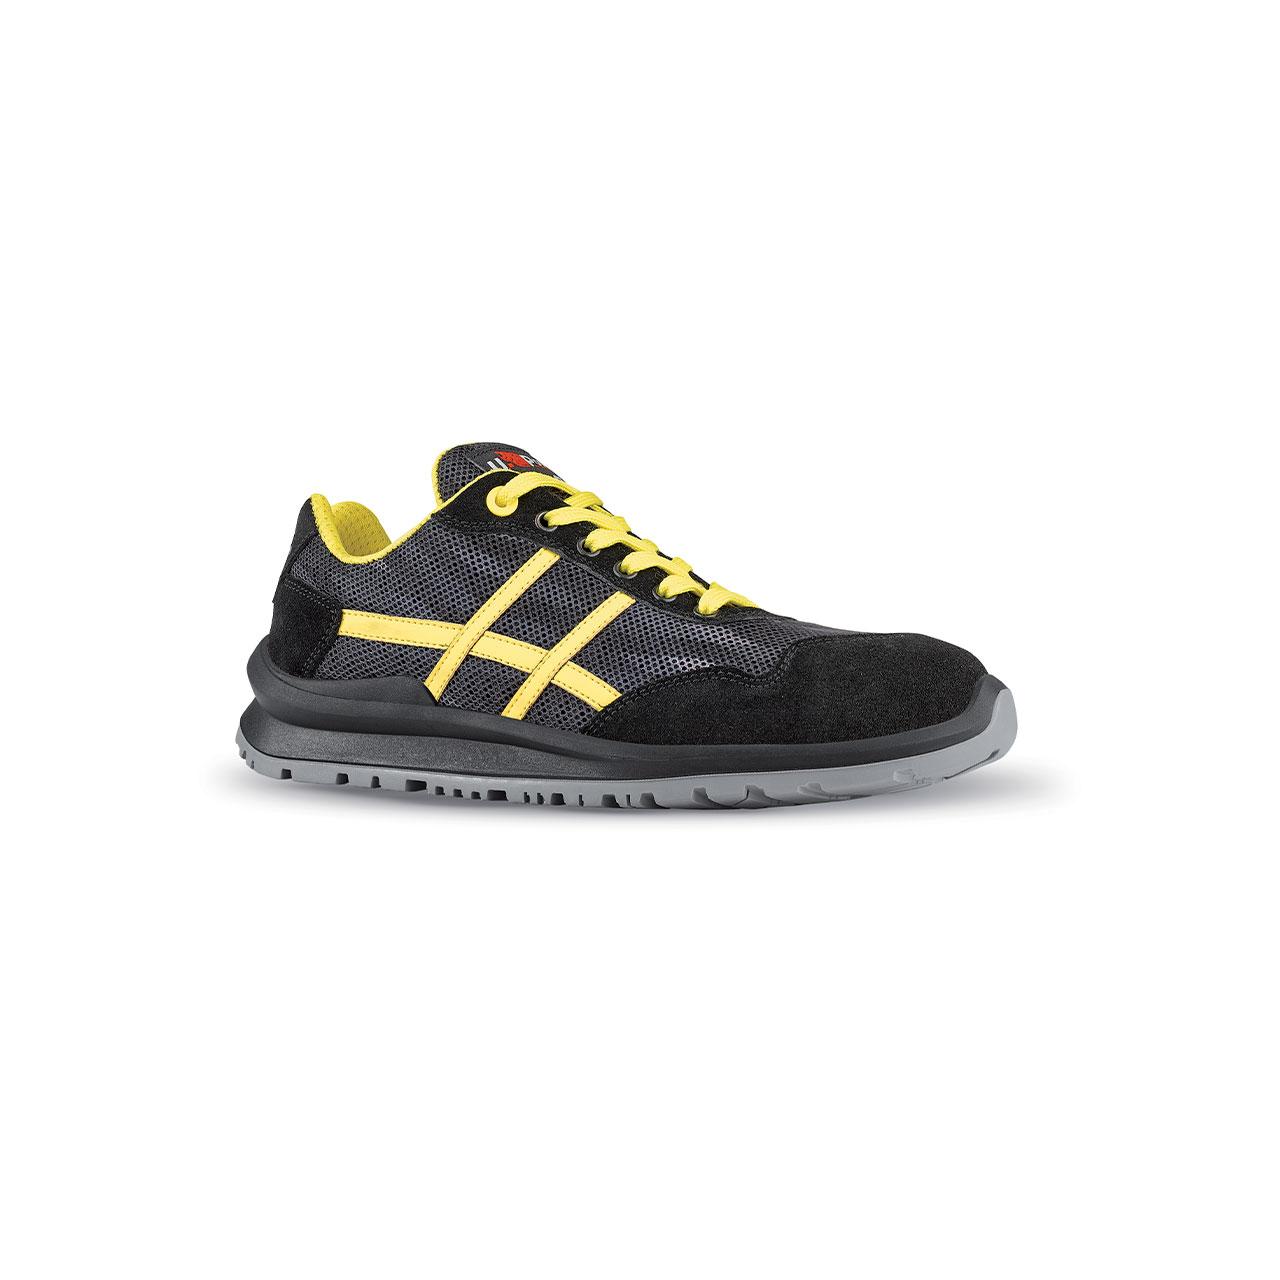 scarpa antinfortunistica upower modello alex linea flatout vista laterale